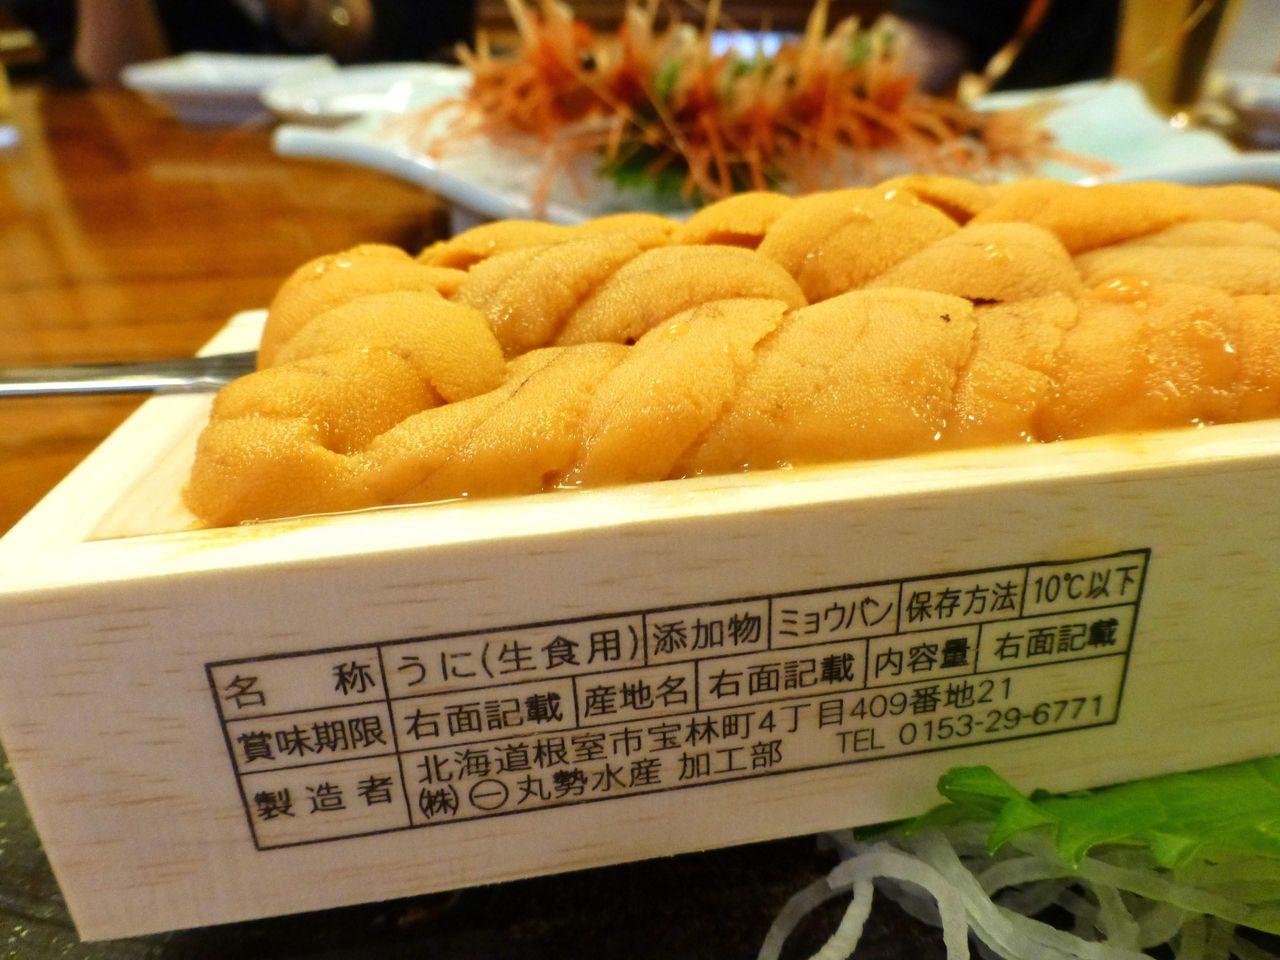 ウニ3,000円を注文したら、根室産のウニが箱ごと登場!